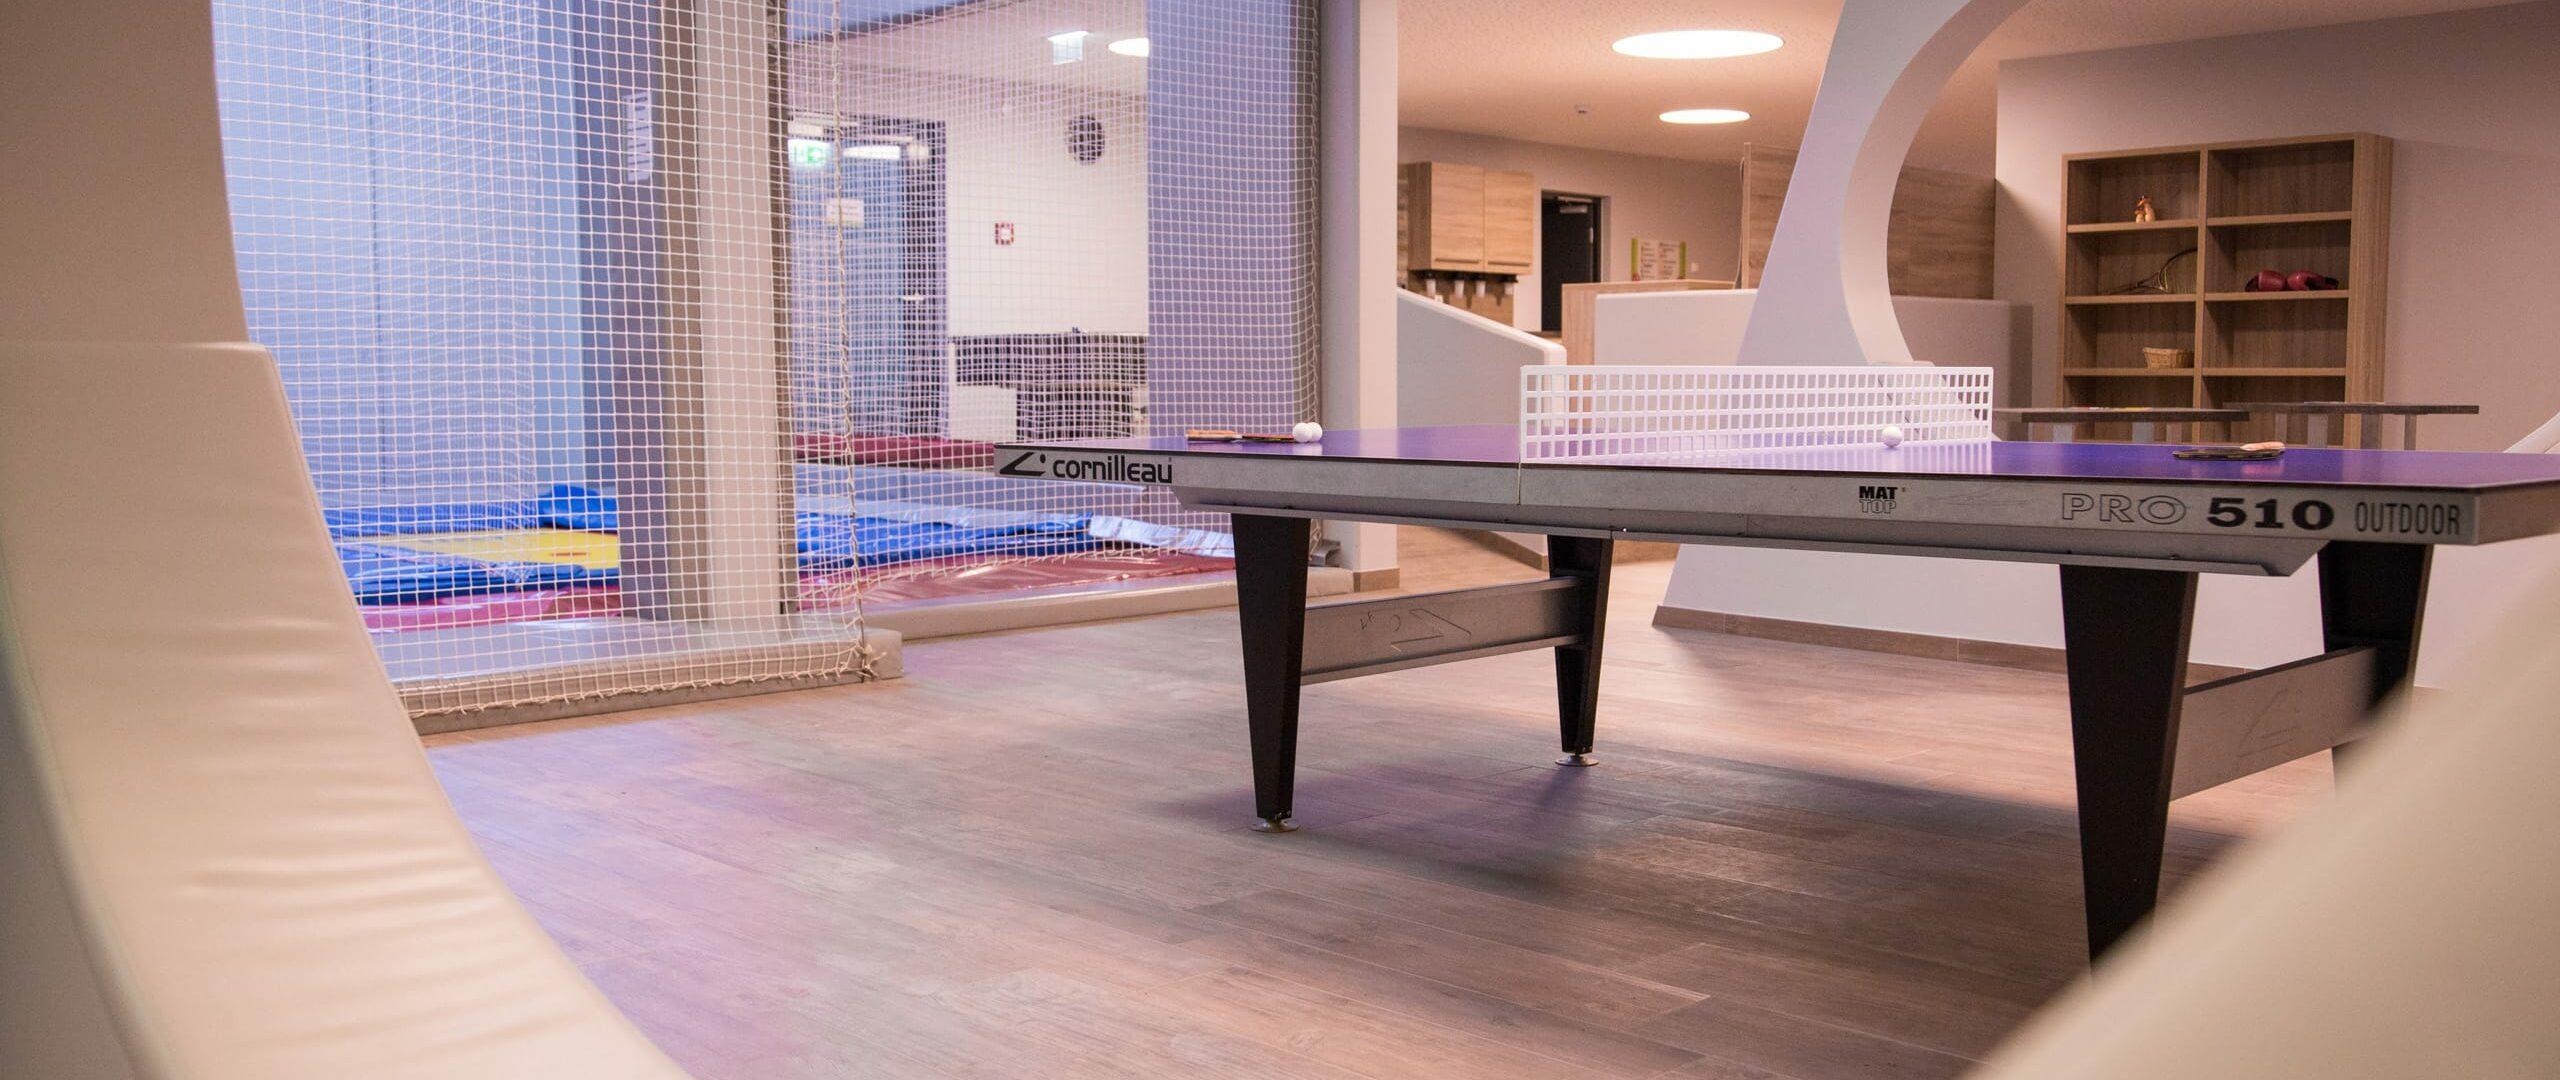 hofgut-apartment-lifestyle-resort-wagrain-salzburg-freizeitangebot-05